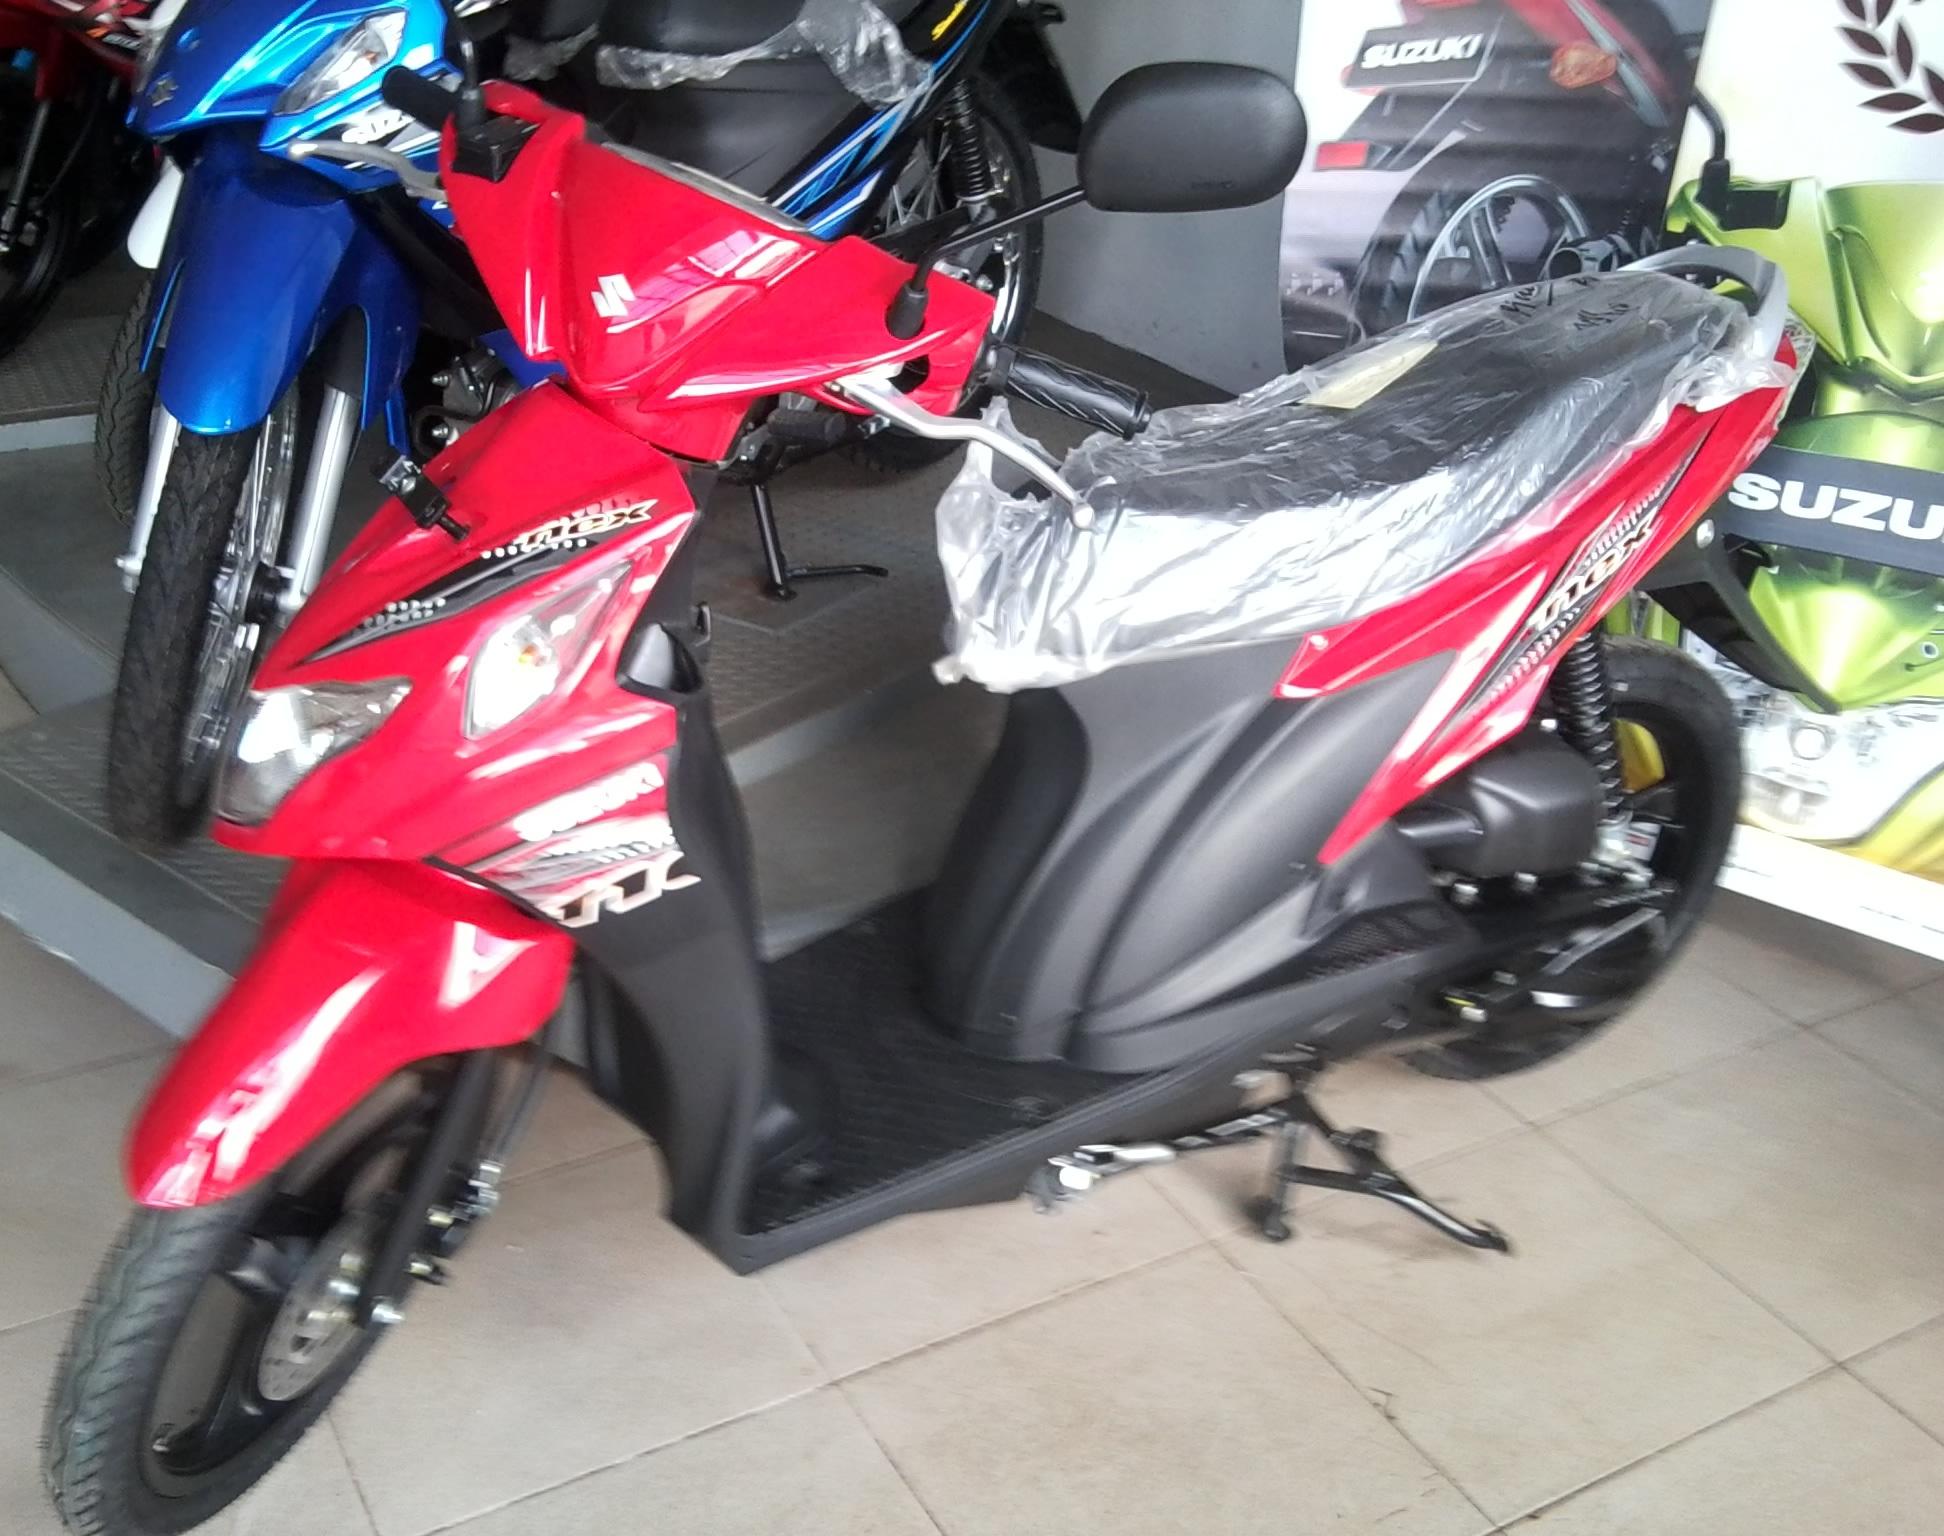 Harga Motor Matic Suzuki Nex